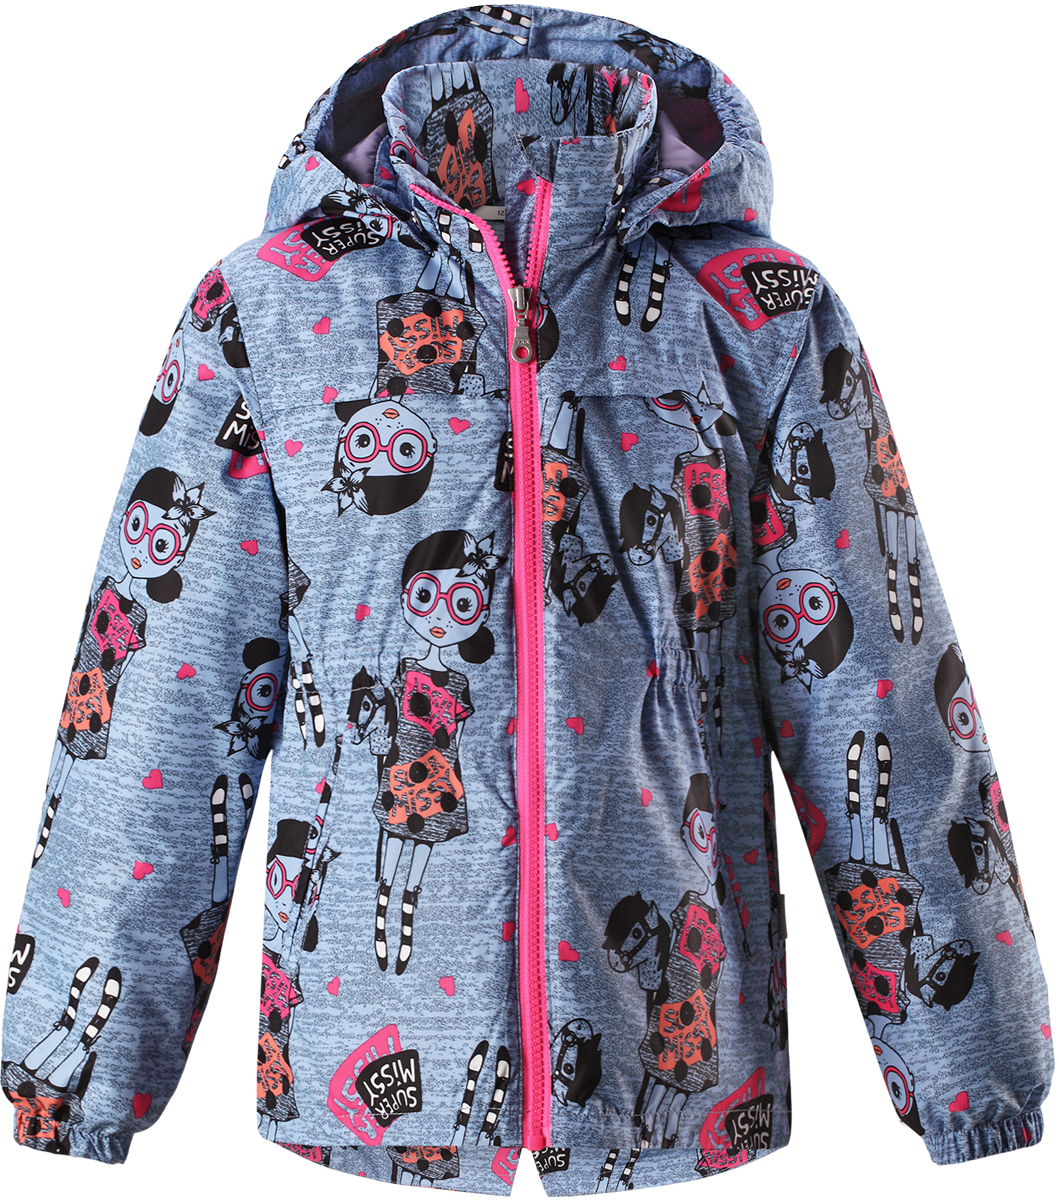 Куртка для девочки Lassie, цвет: синий. 721724R6161. Размер 110721724R6161Детская куртка Lassie идеально подойдет для ребенка в холодное время года. Куртка изготовлена из водоотталкивающей и ветрозащитной ткани. Материал отличается высокой устойчивостью к трению, благодаря специальной обработке полиуретаном поверхность изделия отталкивает грязь и воду, что облегчает поддержание аккуратного вида одежды, дышащее покрытие с изнаночной части не раздражает даже самую нежную и чувствительную кожу ребенка, обеспечивая ему наибольший комфорт. Куртка застегивается на пластиковую застежку-молнию с защитой подбородка, благодаря чему ее легко надевать и снимать. Края рукавов дополнены неширокими эластичными манжетами. Спереди куртка дополнена двумя прорезными кармашками. Также модель дополнена светоотражающими элементами для безопасности в темное время суток. Все швы проклеены, не пропускают влагу и ветер.